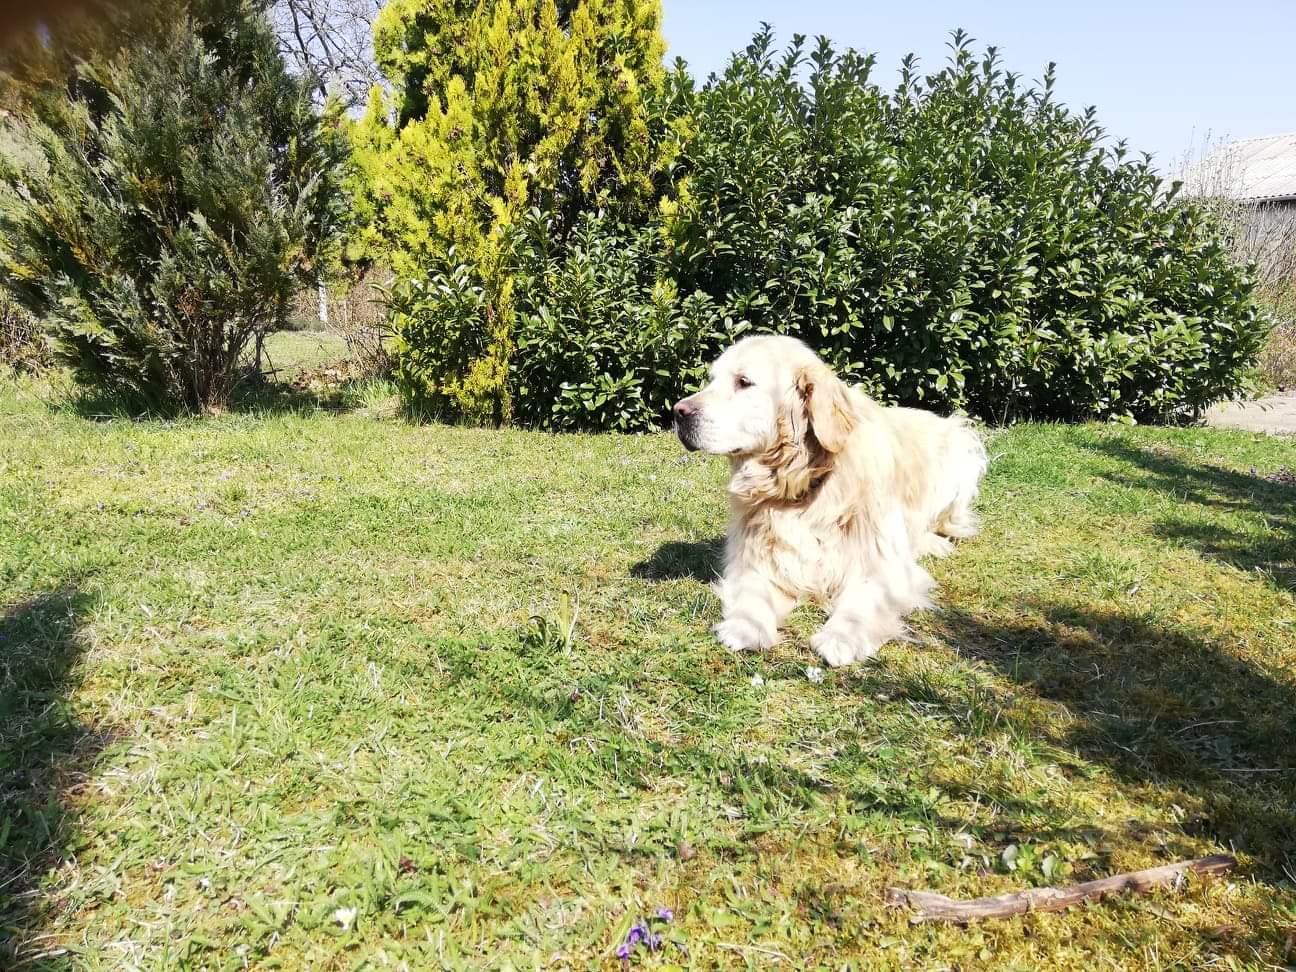 Nyugdíjazták Nicót, a vakvezető kutyát, új gazdát keres